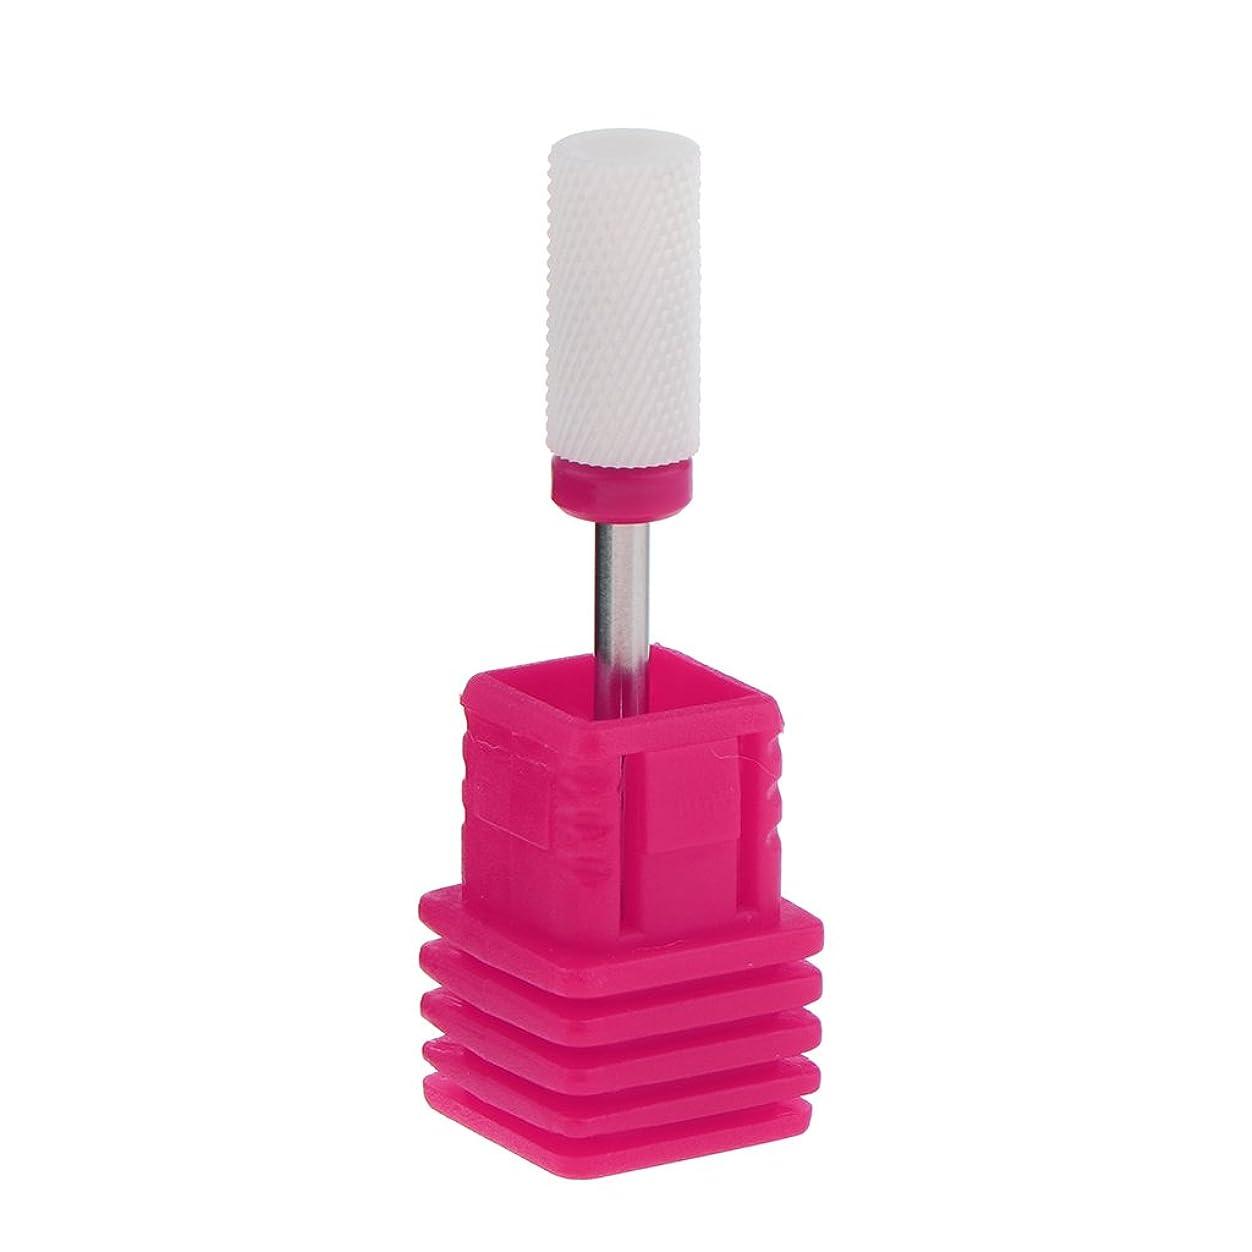 支払う苦覆すDYNWAVE ネイルアート ドリルビット 研磨ヘッド 電気ドリルビット セラミック ネイル 全6色 - ピンク